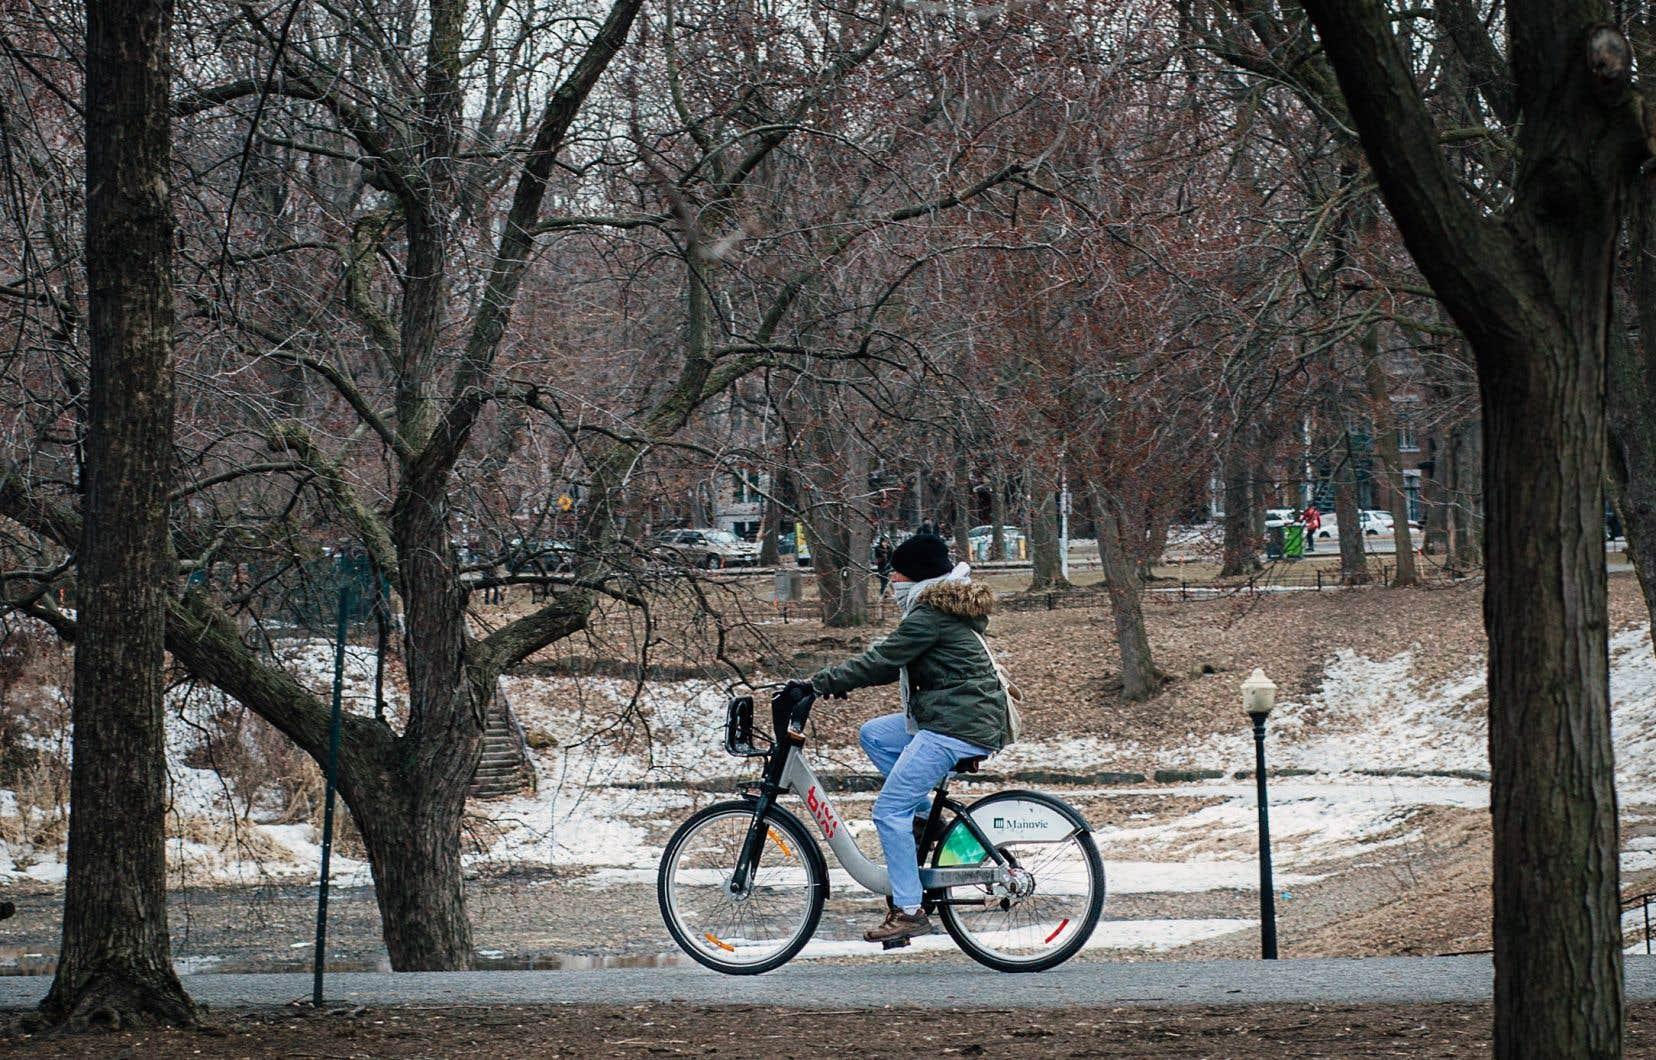 Selon les chiffres de l'OBNL chargé de la gestion de BIXI, 258000 personnes ont utilisé les vélos en libre-service en 2017, contre 234559 personnes en 2016.